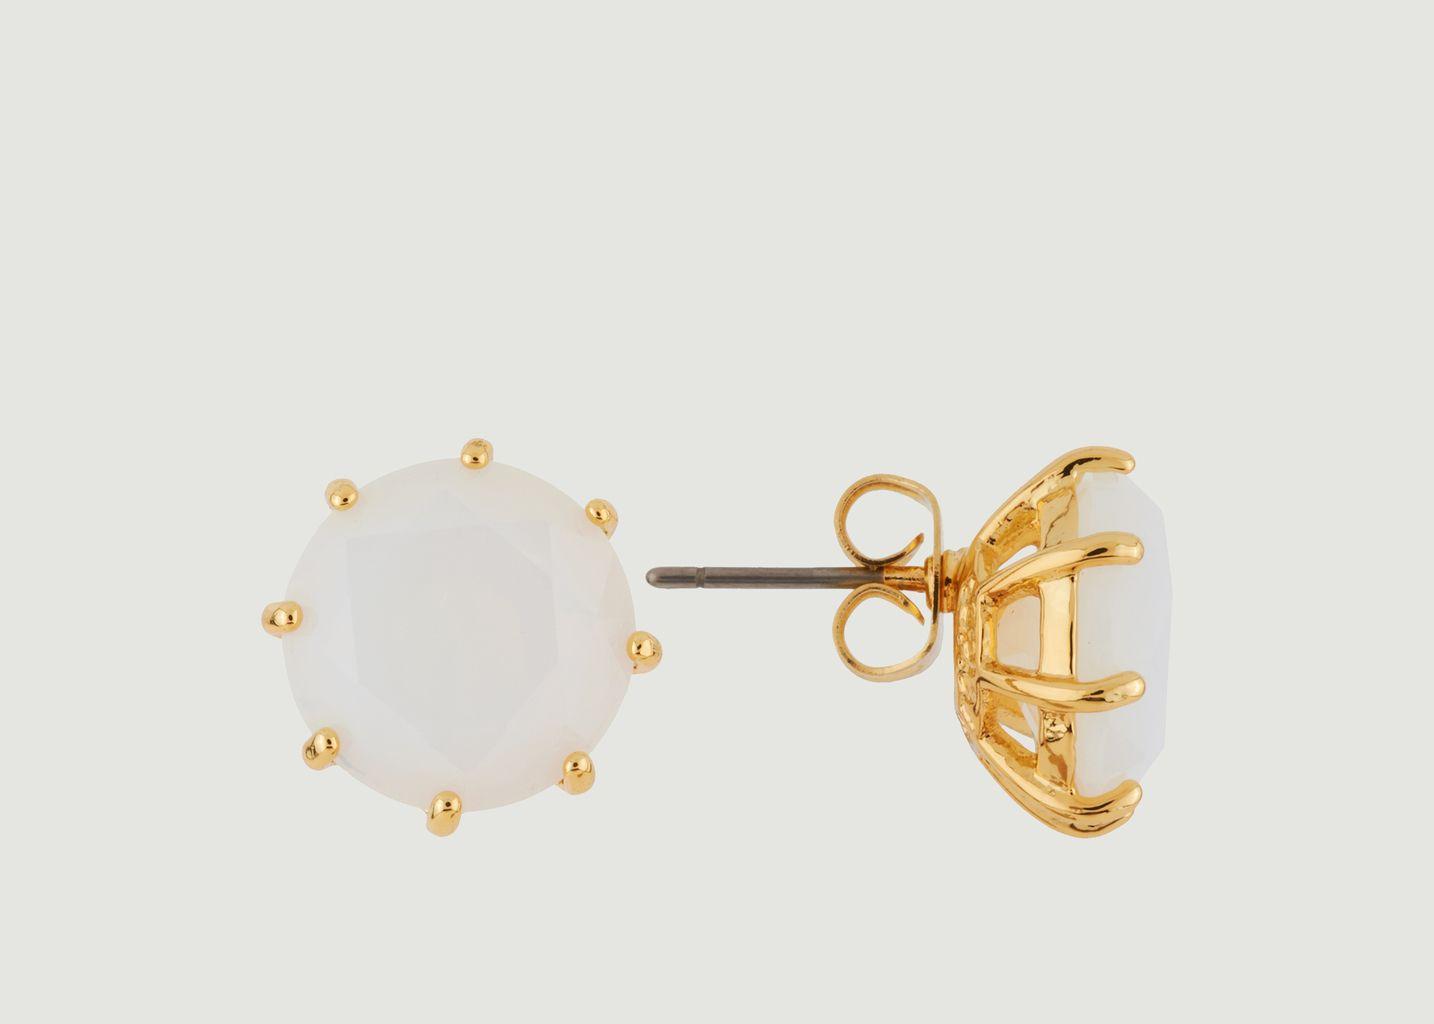 Boucles d'Oreille La Diamantine - Les Néréides